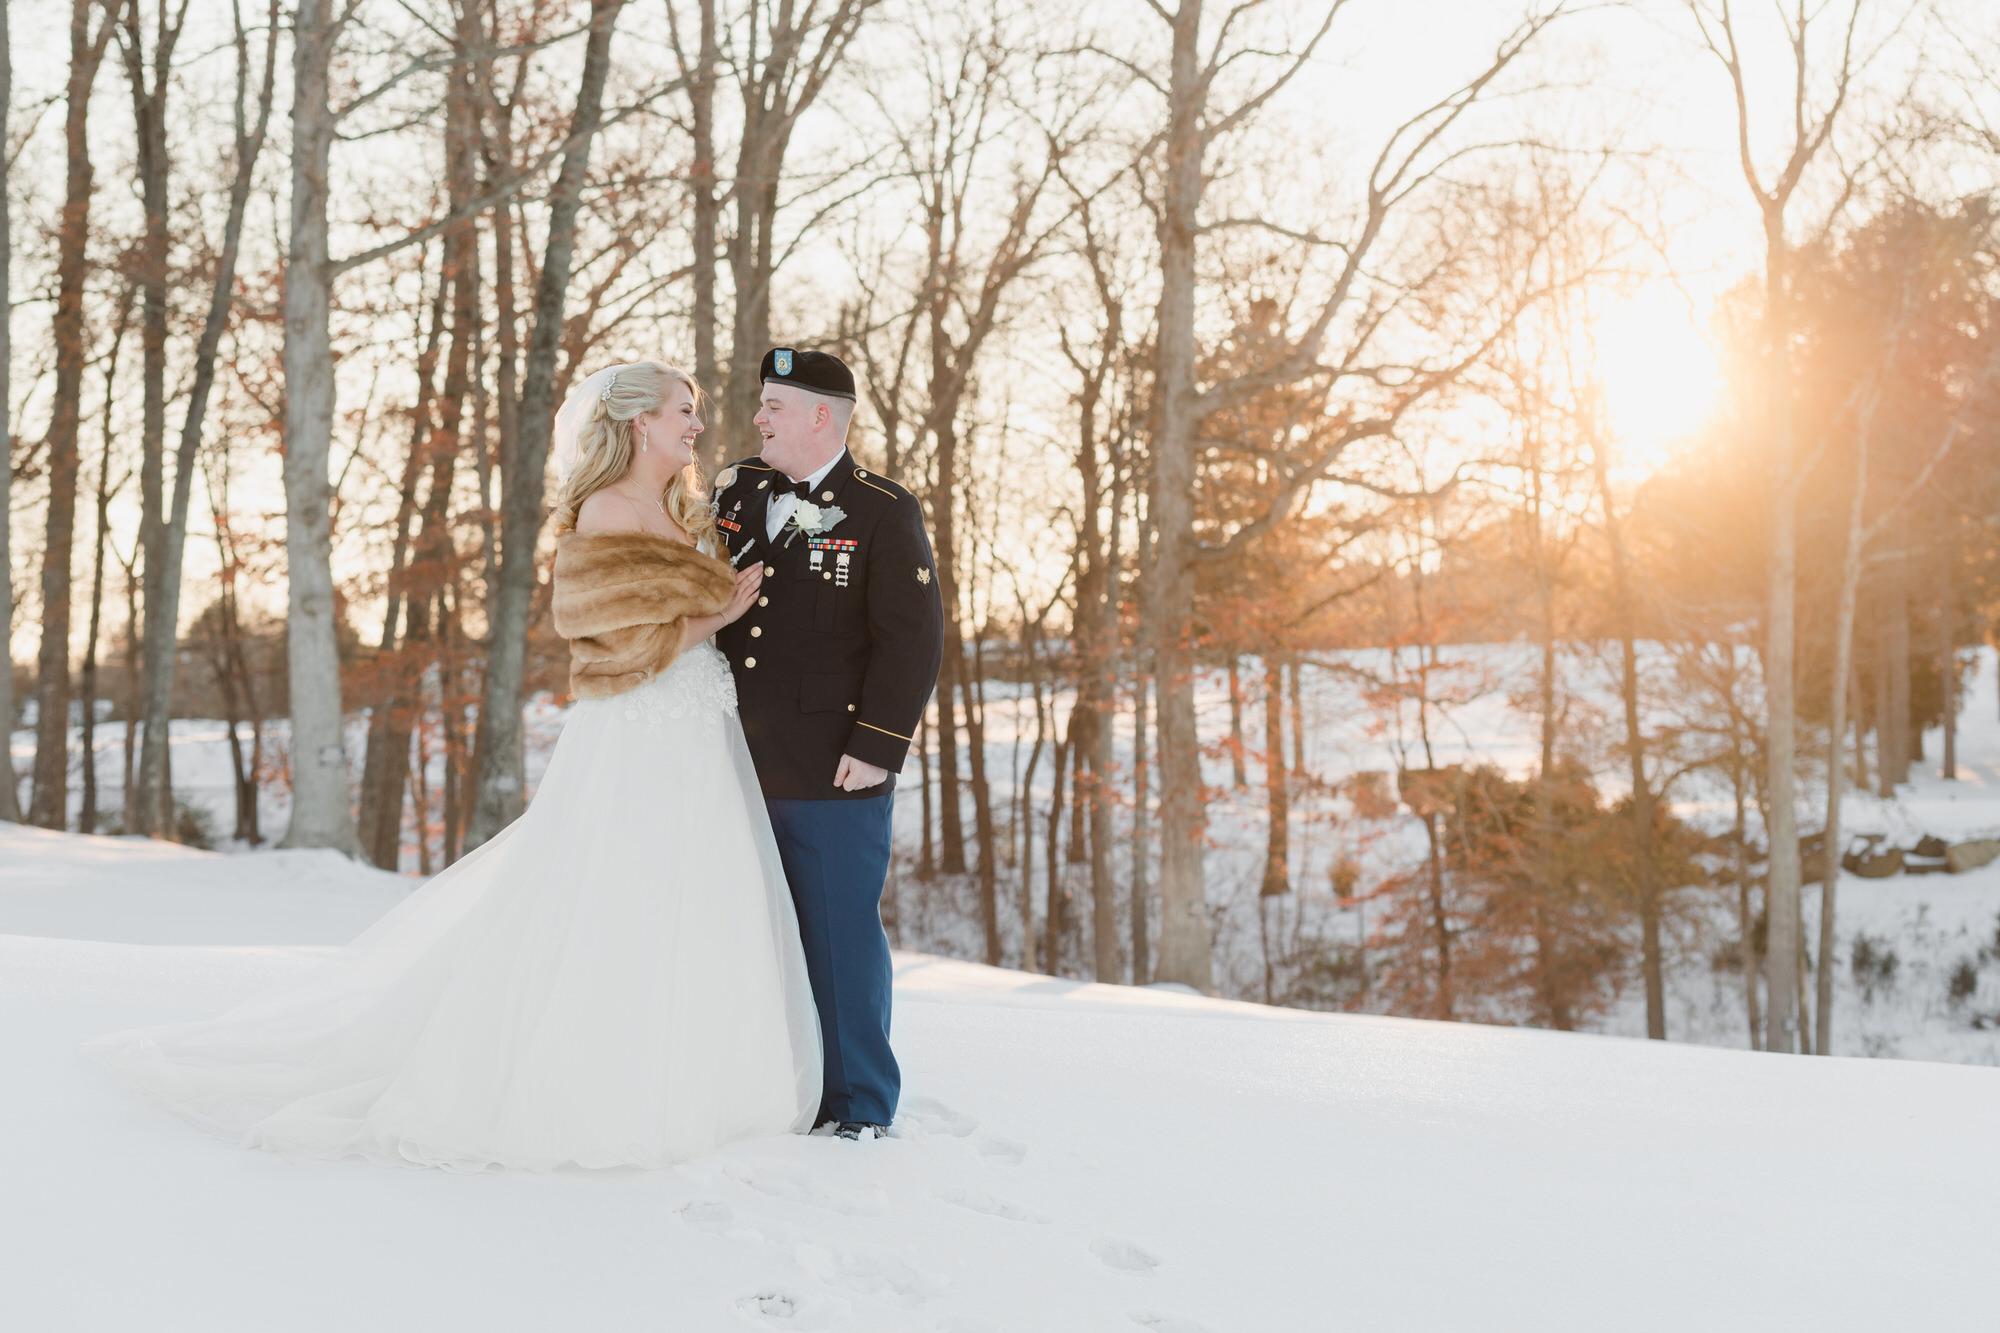 snowy winter wedding couple photos 531 -